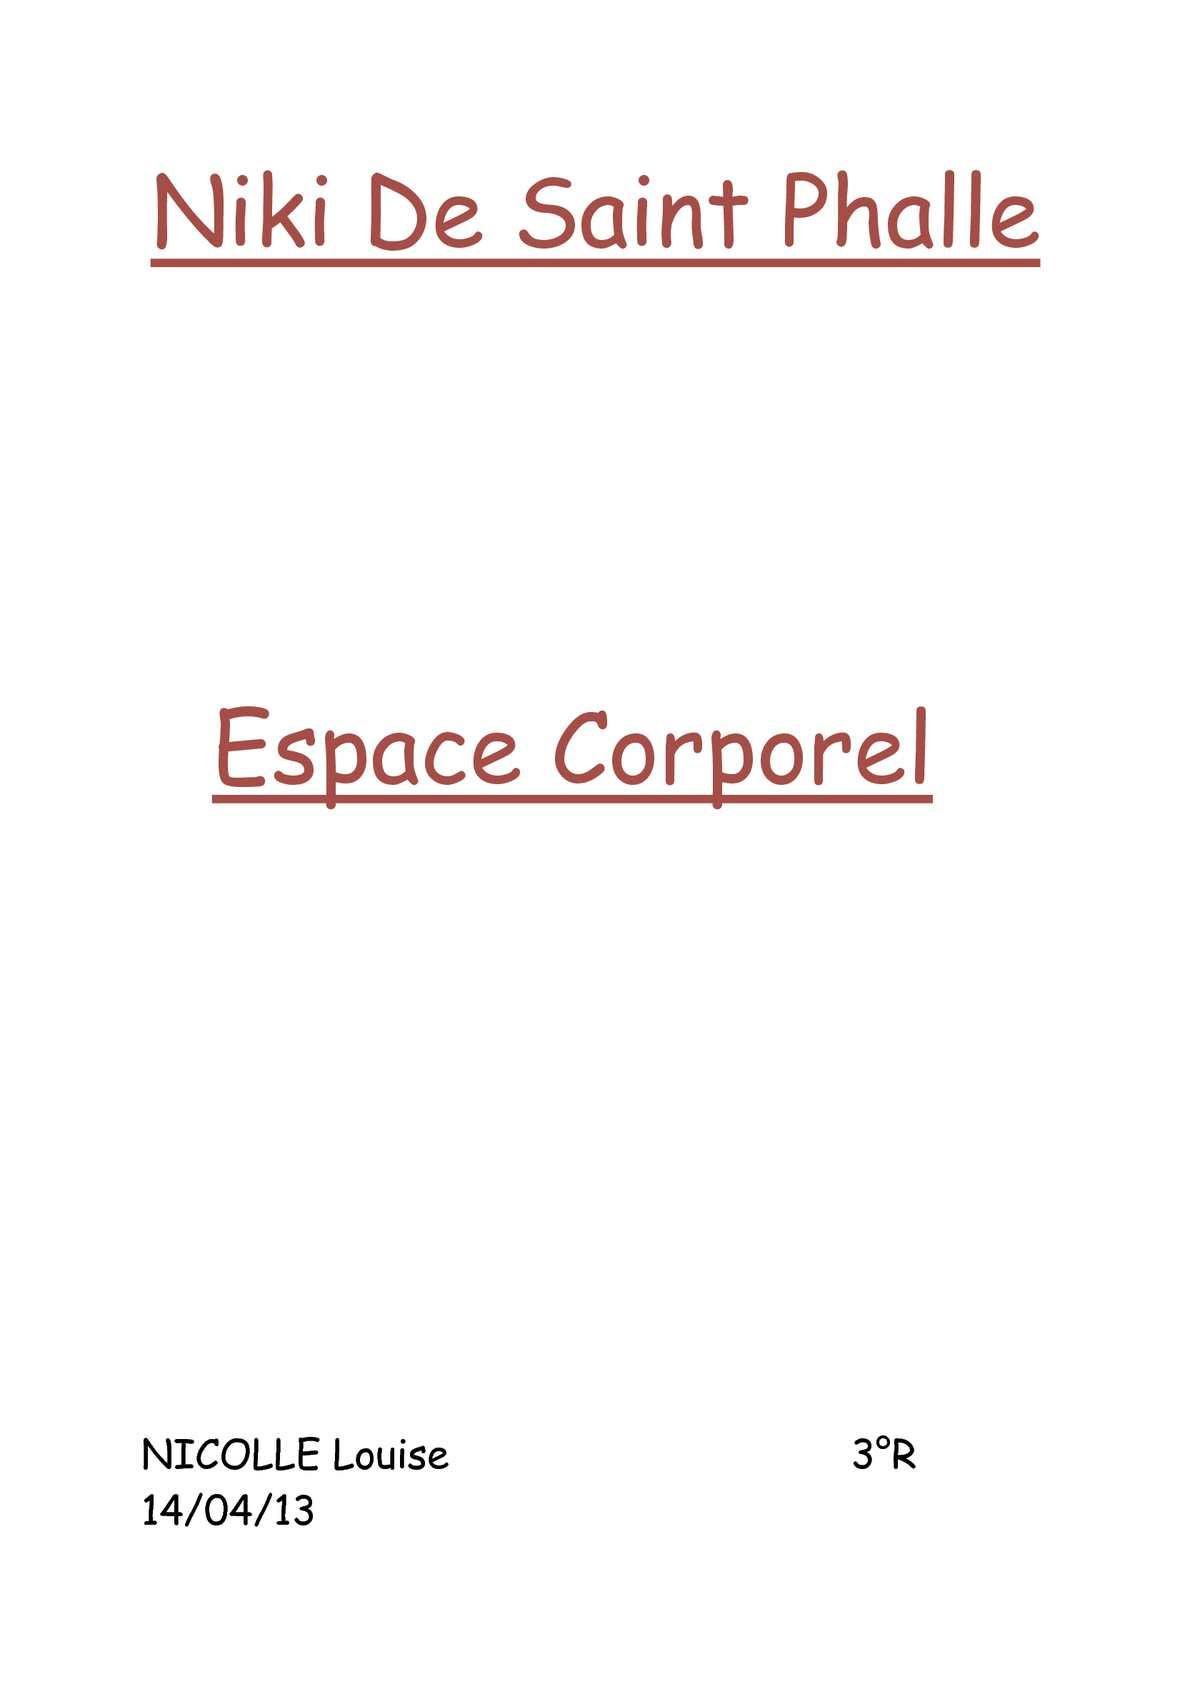 Calaméo Niki De Saint Phalle Espace Corporel